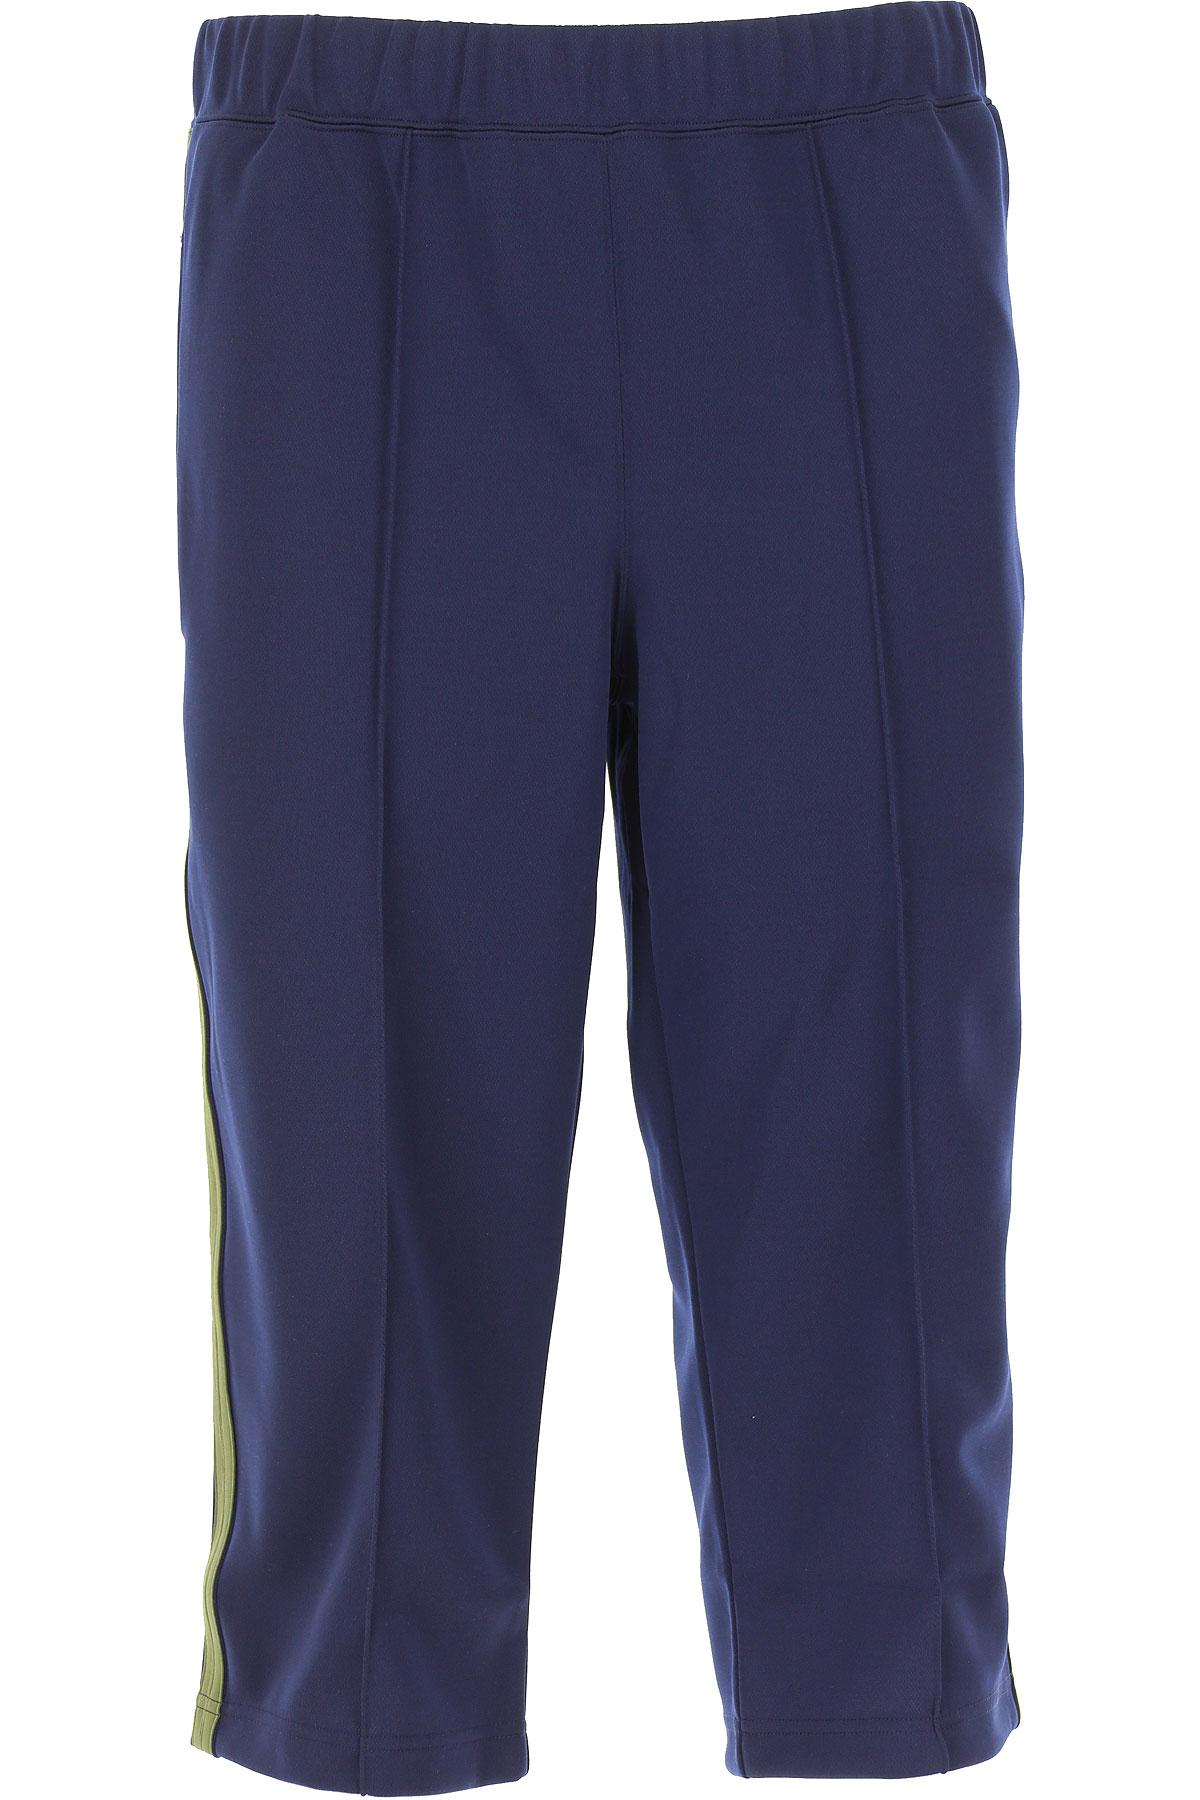 Comme des Garcons Pants for Men, Blue, polyester, 2019, L XL